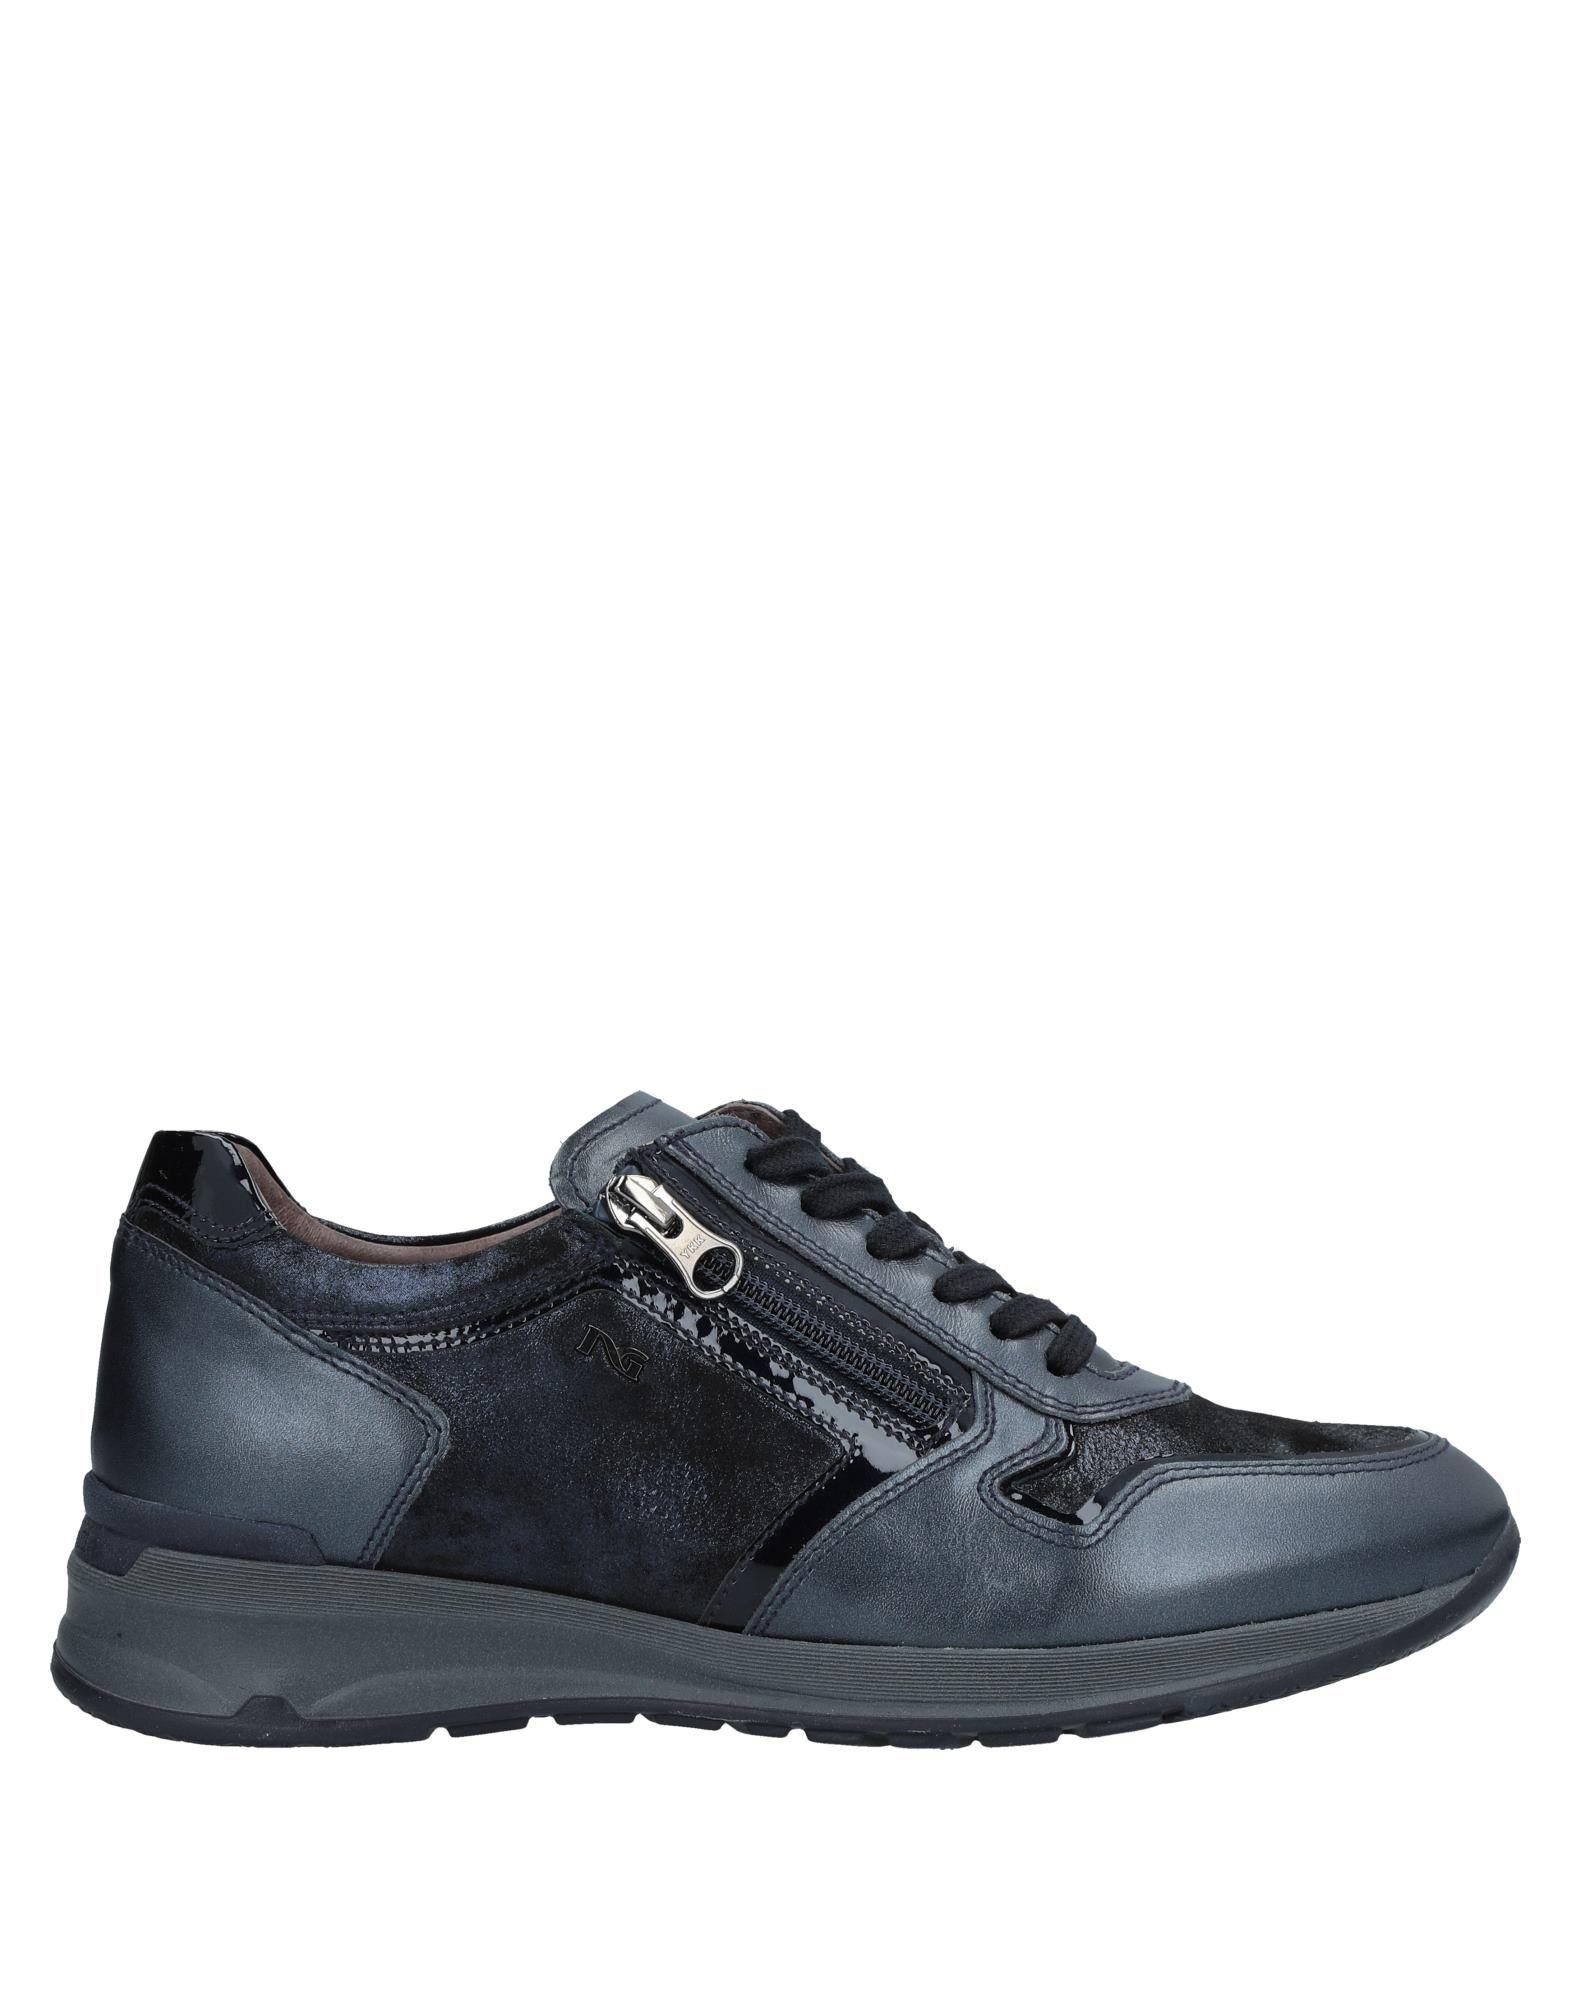 Sneakers Nero Giardini Donna - 11529868DE